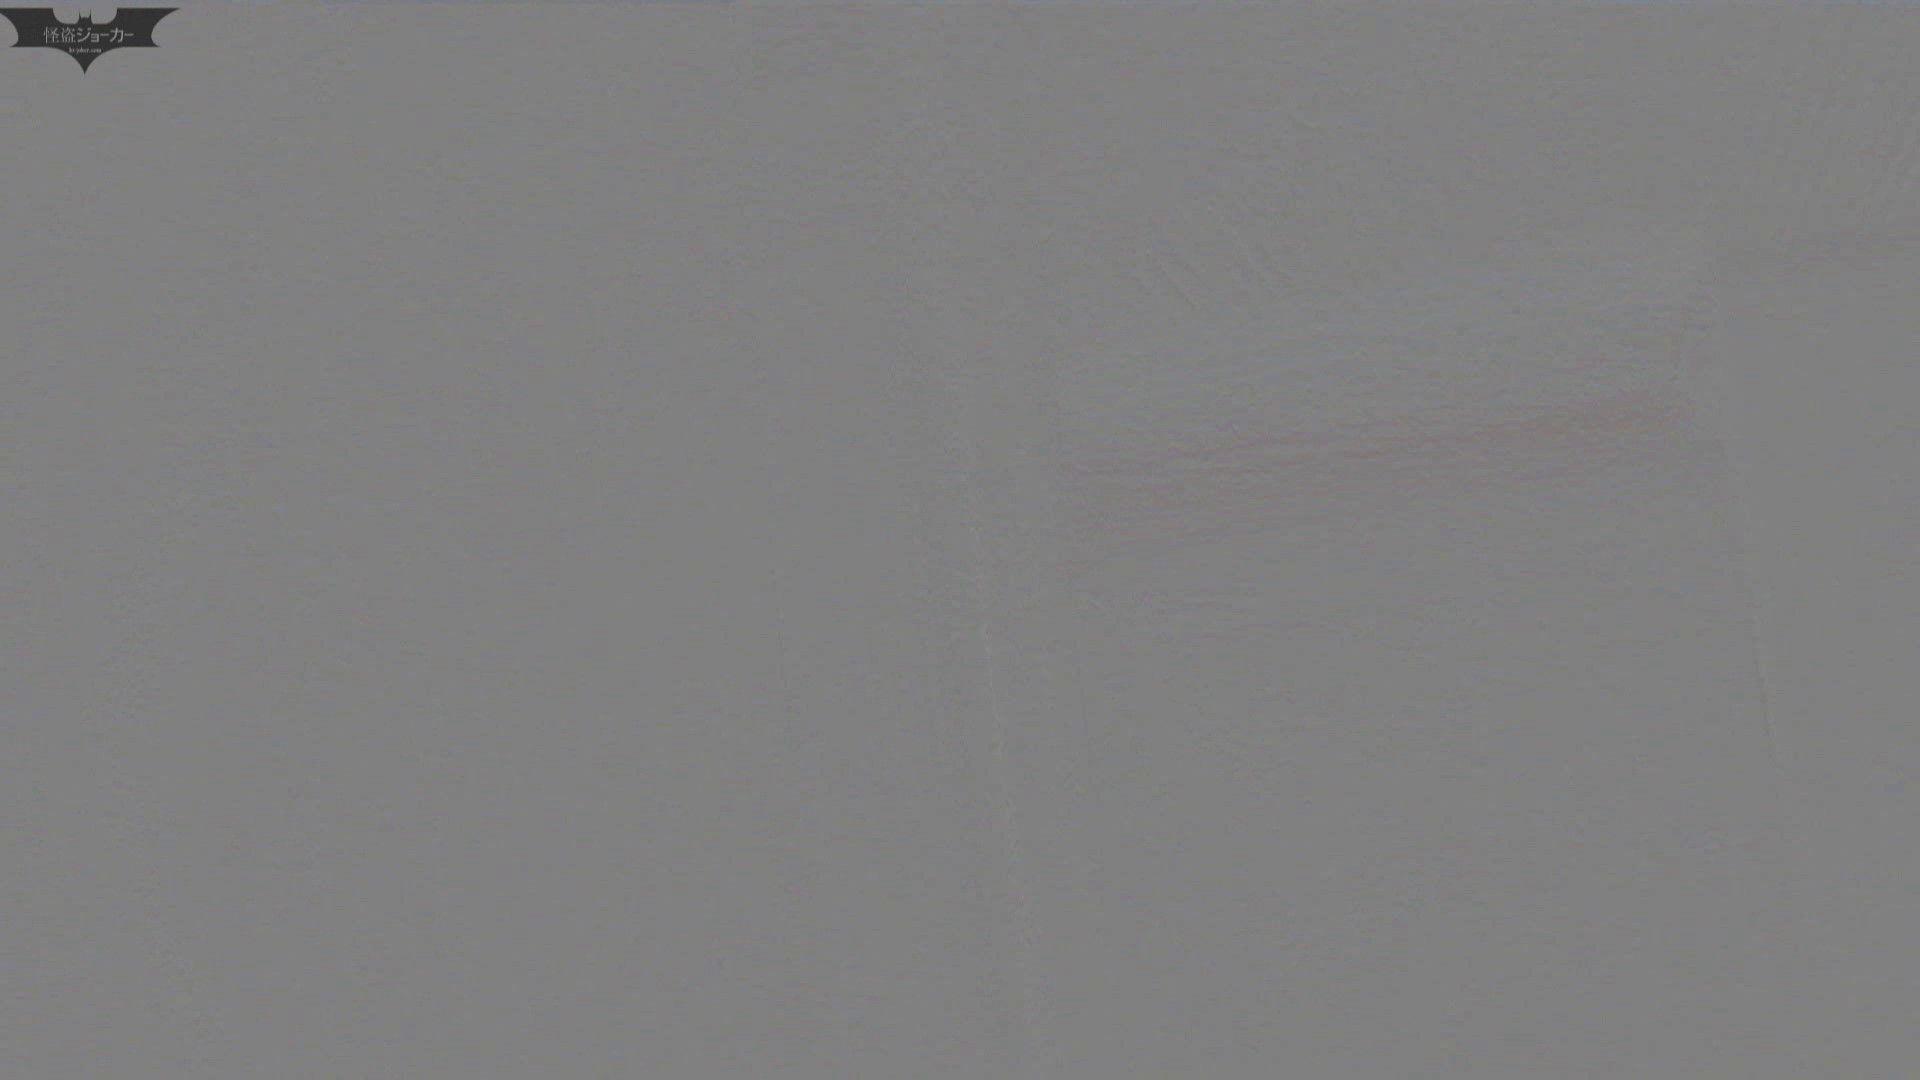 マンコ丸見え!第三体育館潜入撮File005 お願い入ってきて!! 期間限定シリーズ SEX無修正画像 106画像 77